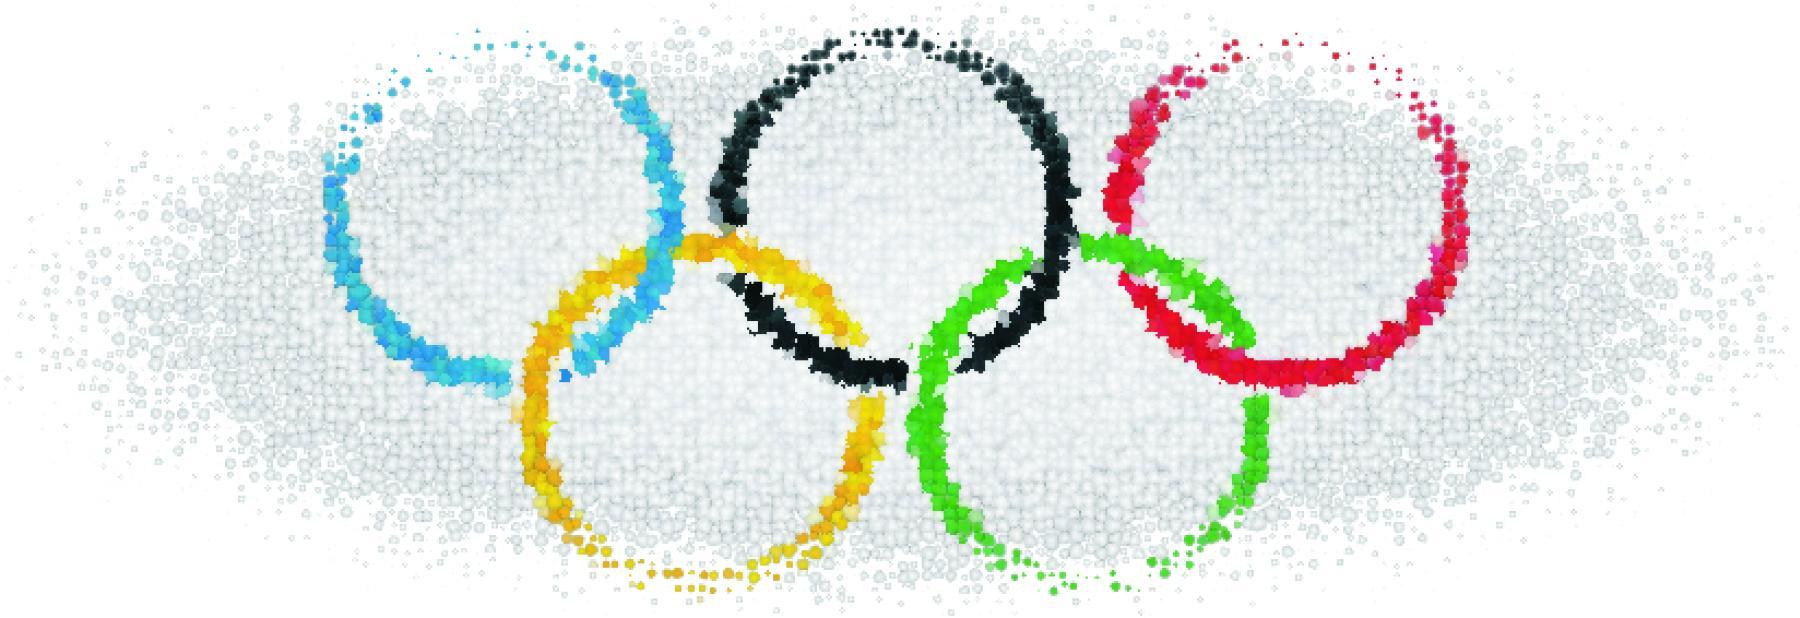 cerchi_olimpici_01